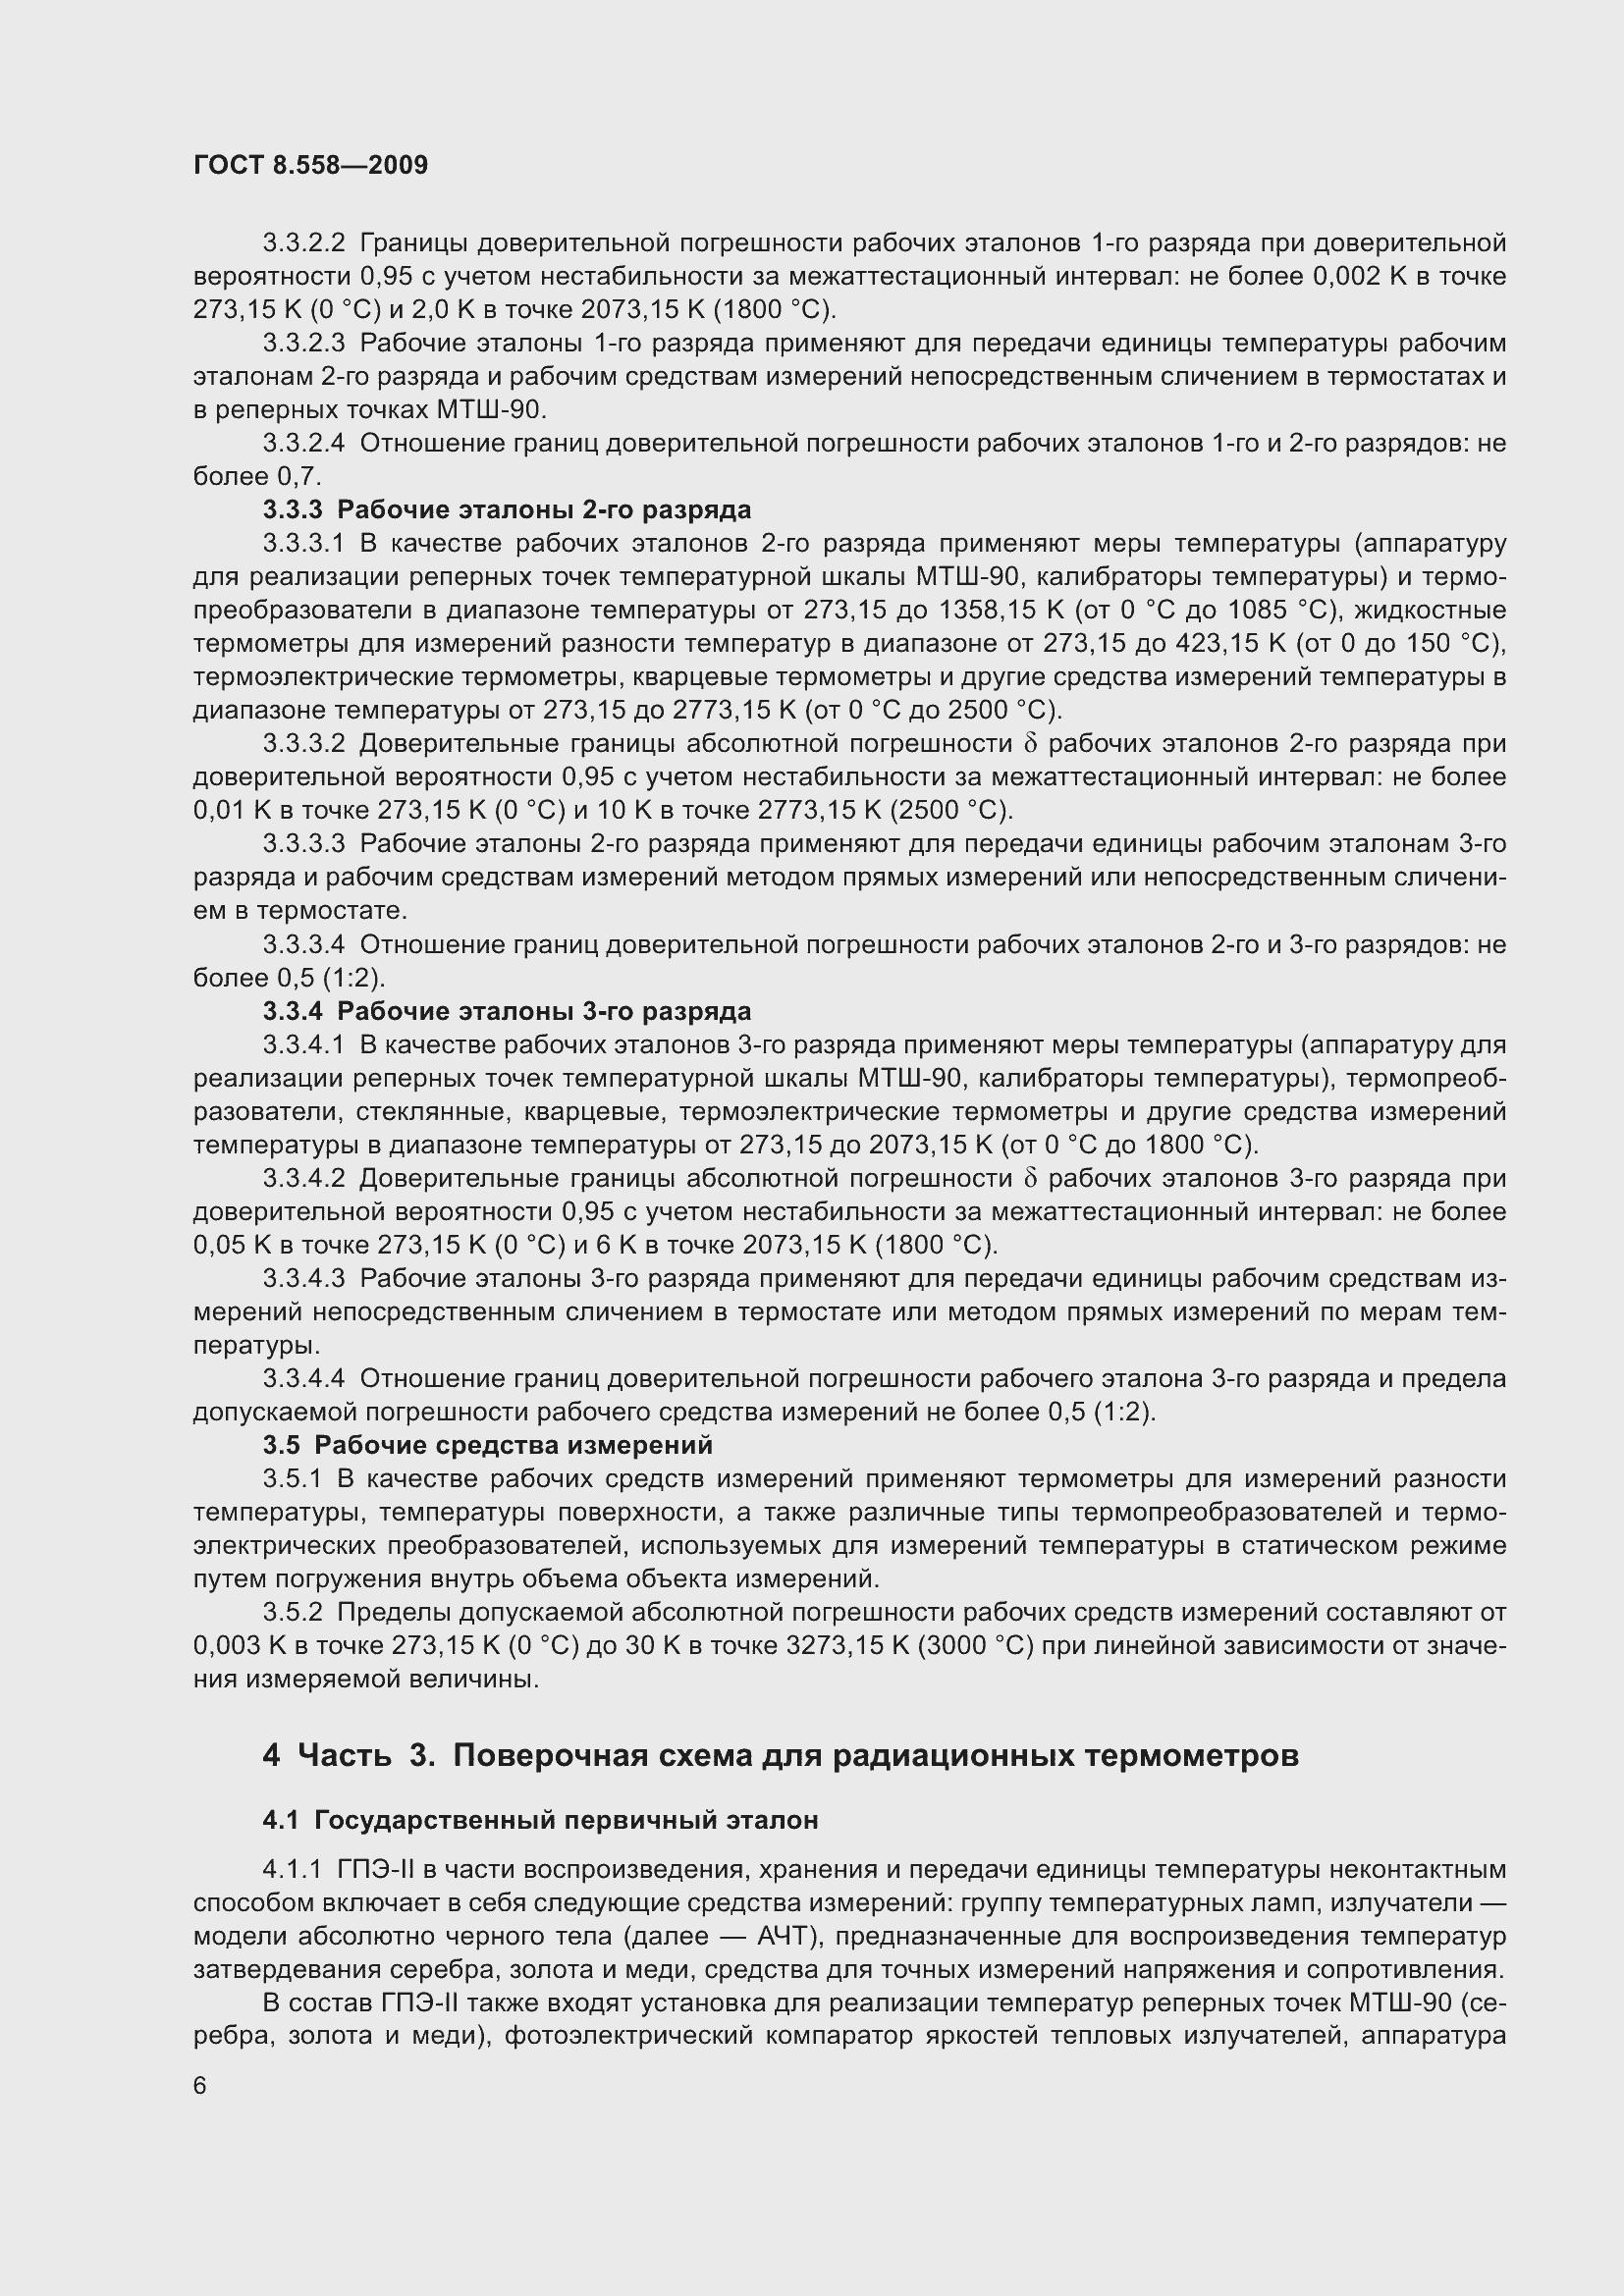 ГОСТ 8.558-2009. Страница 8